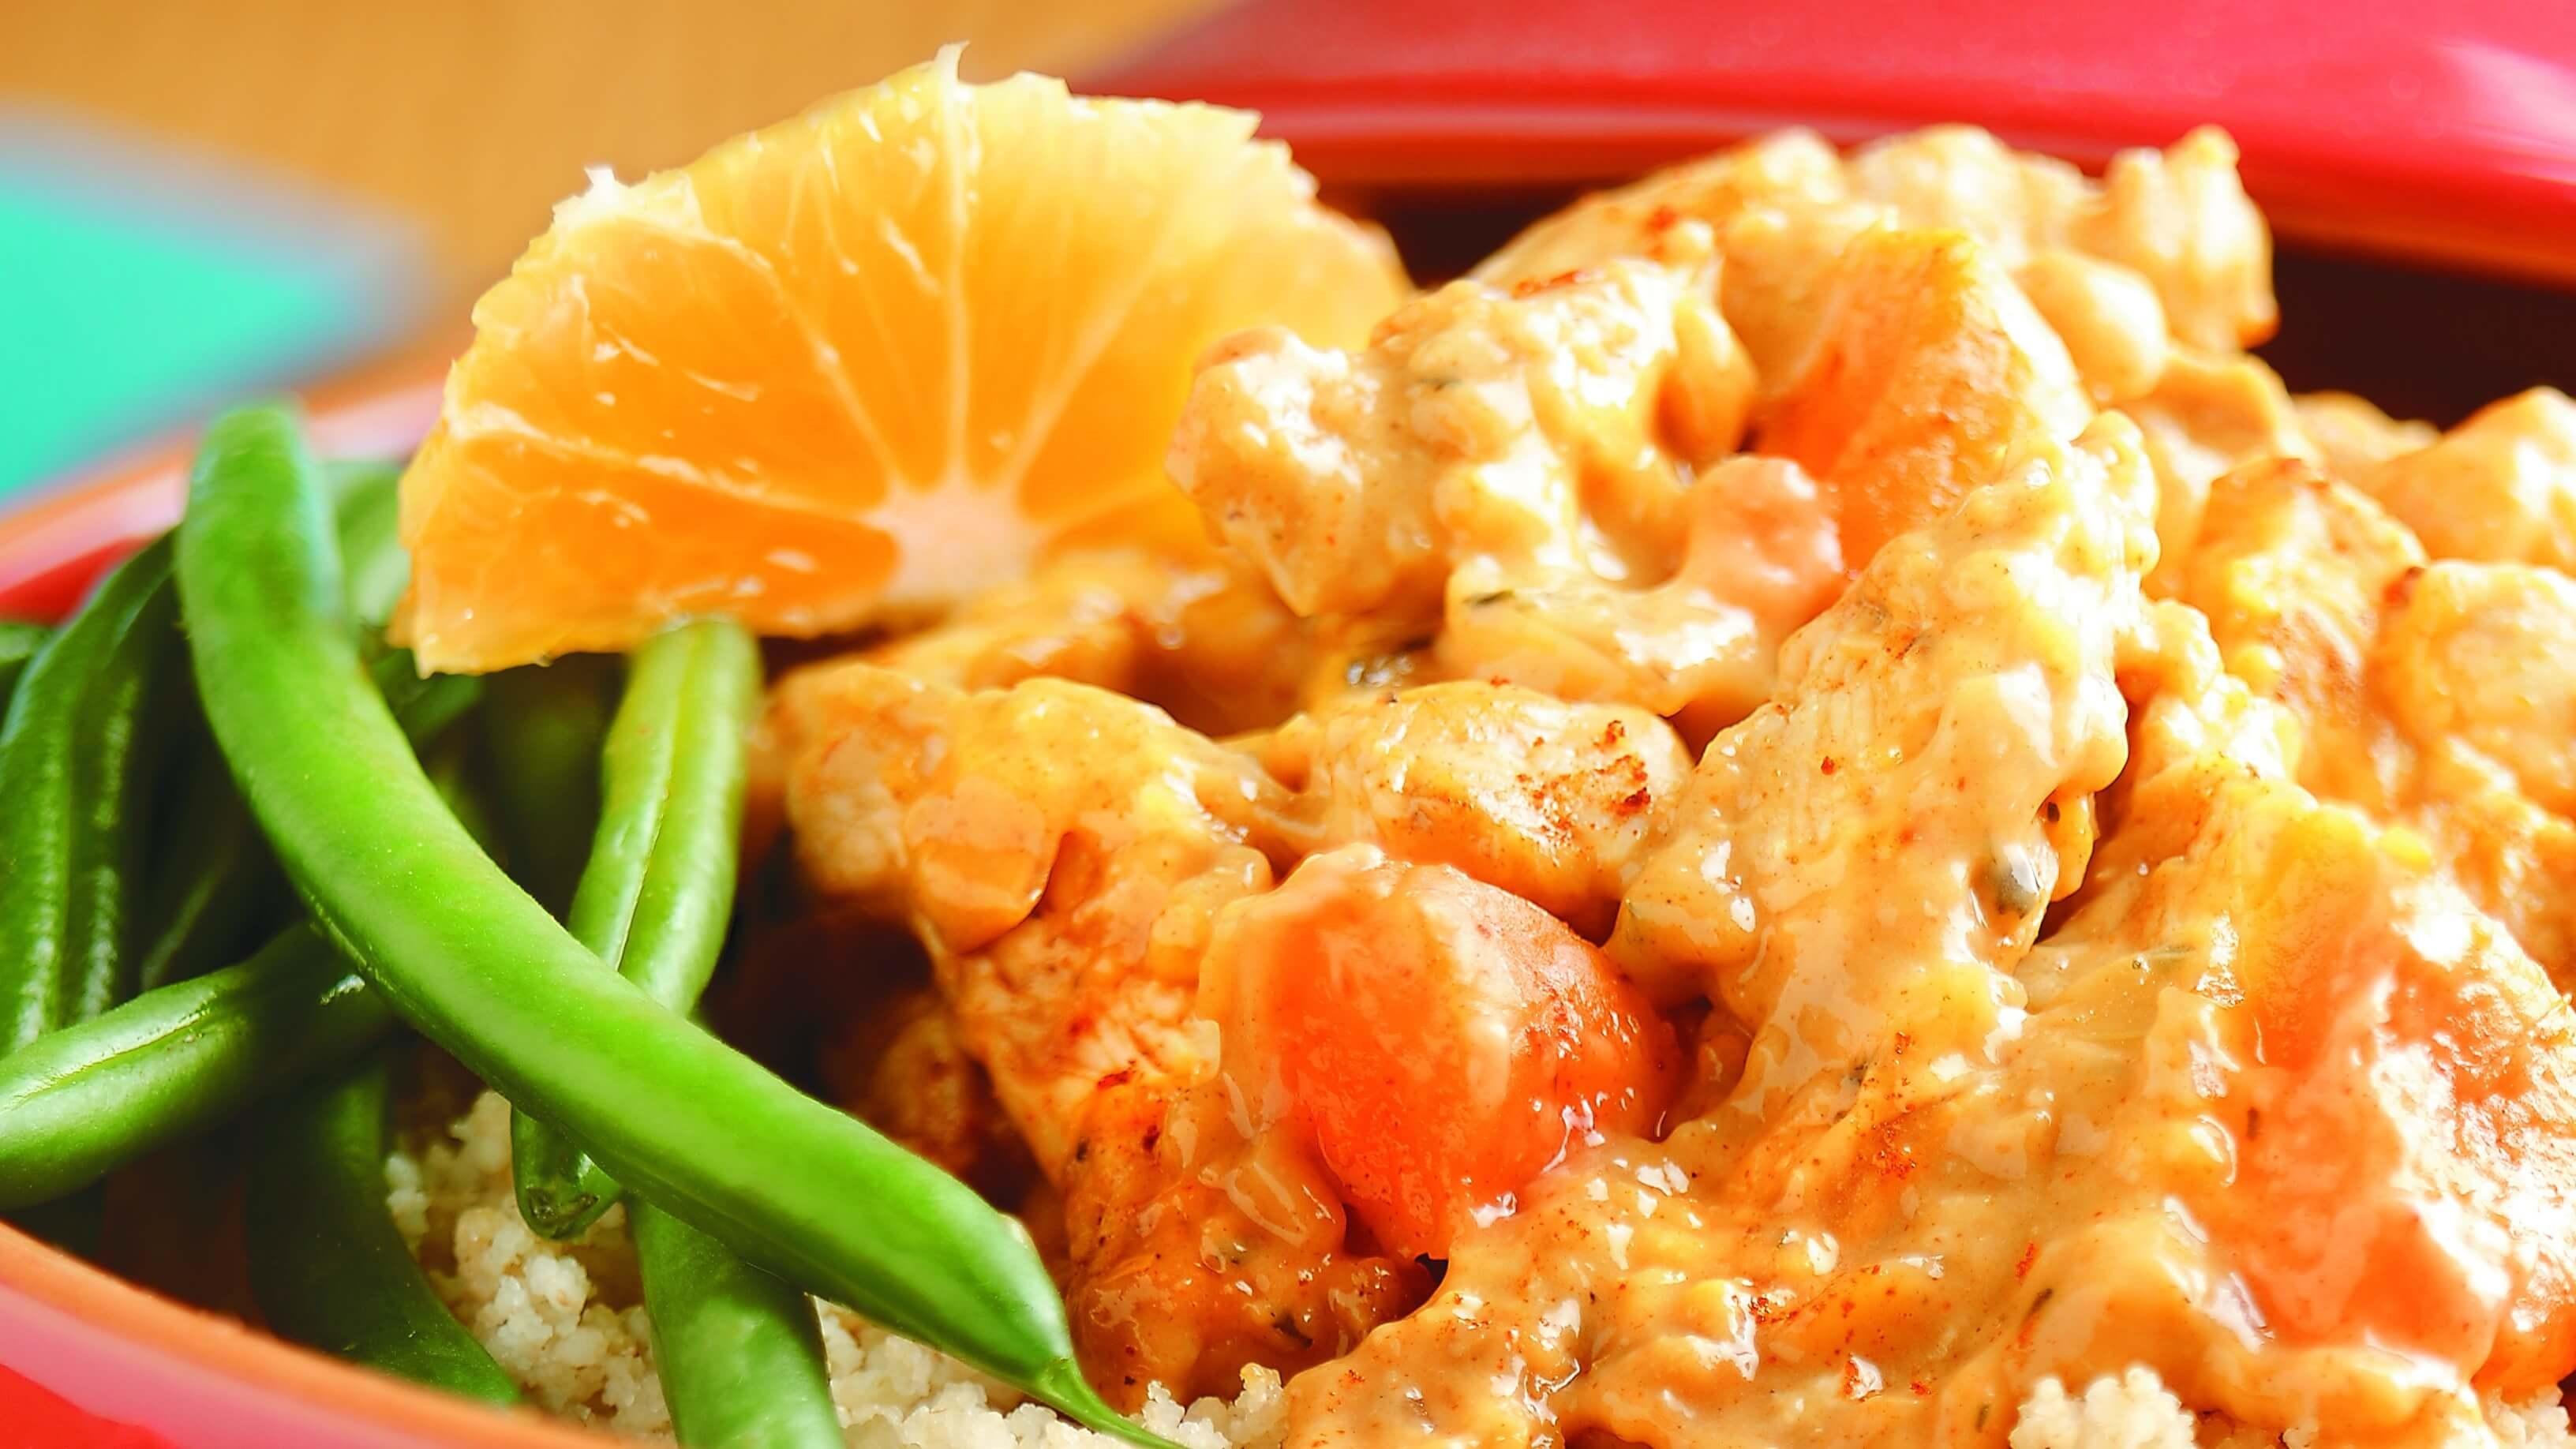 Poulet cuit, riz, haricots verts et segment d